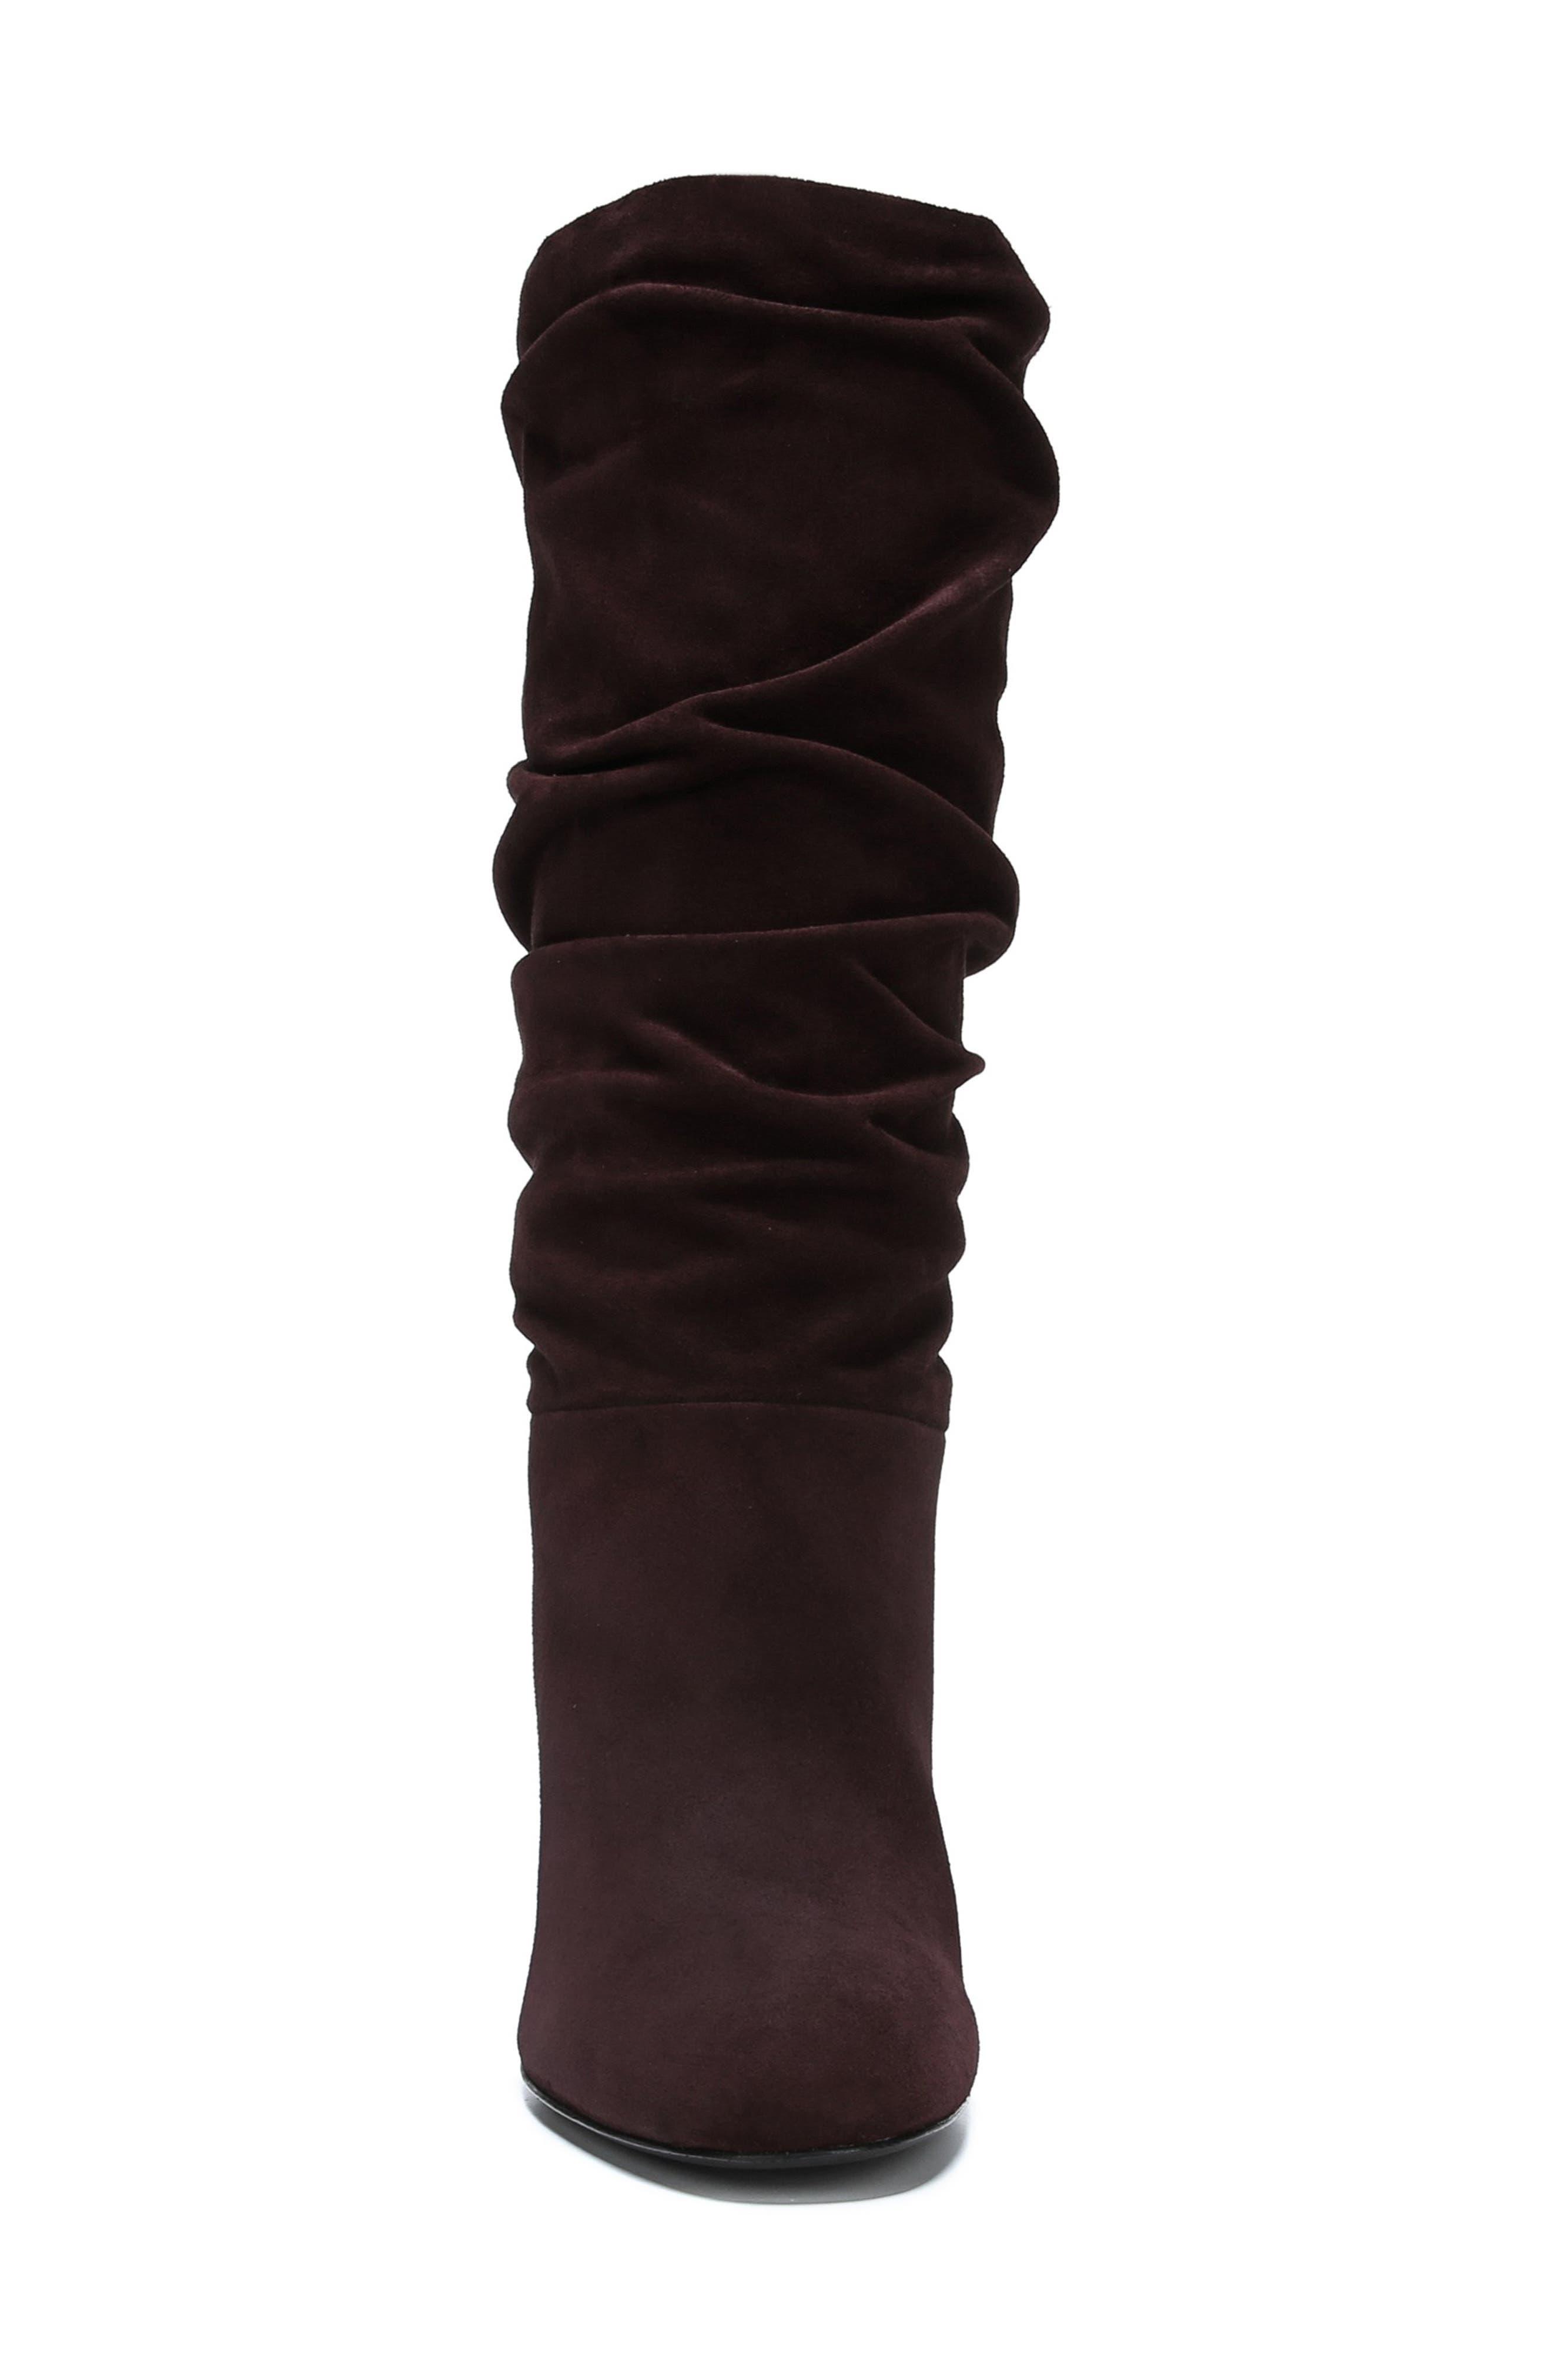 V-Naren Slouchy Boot,                             Alternate thumbnail 4, color,                             500